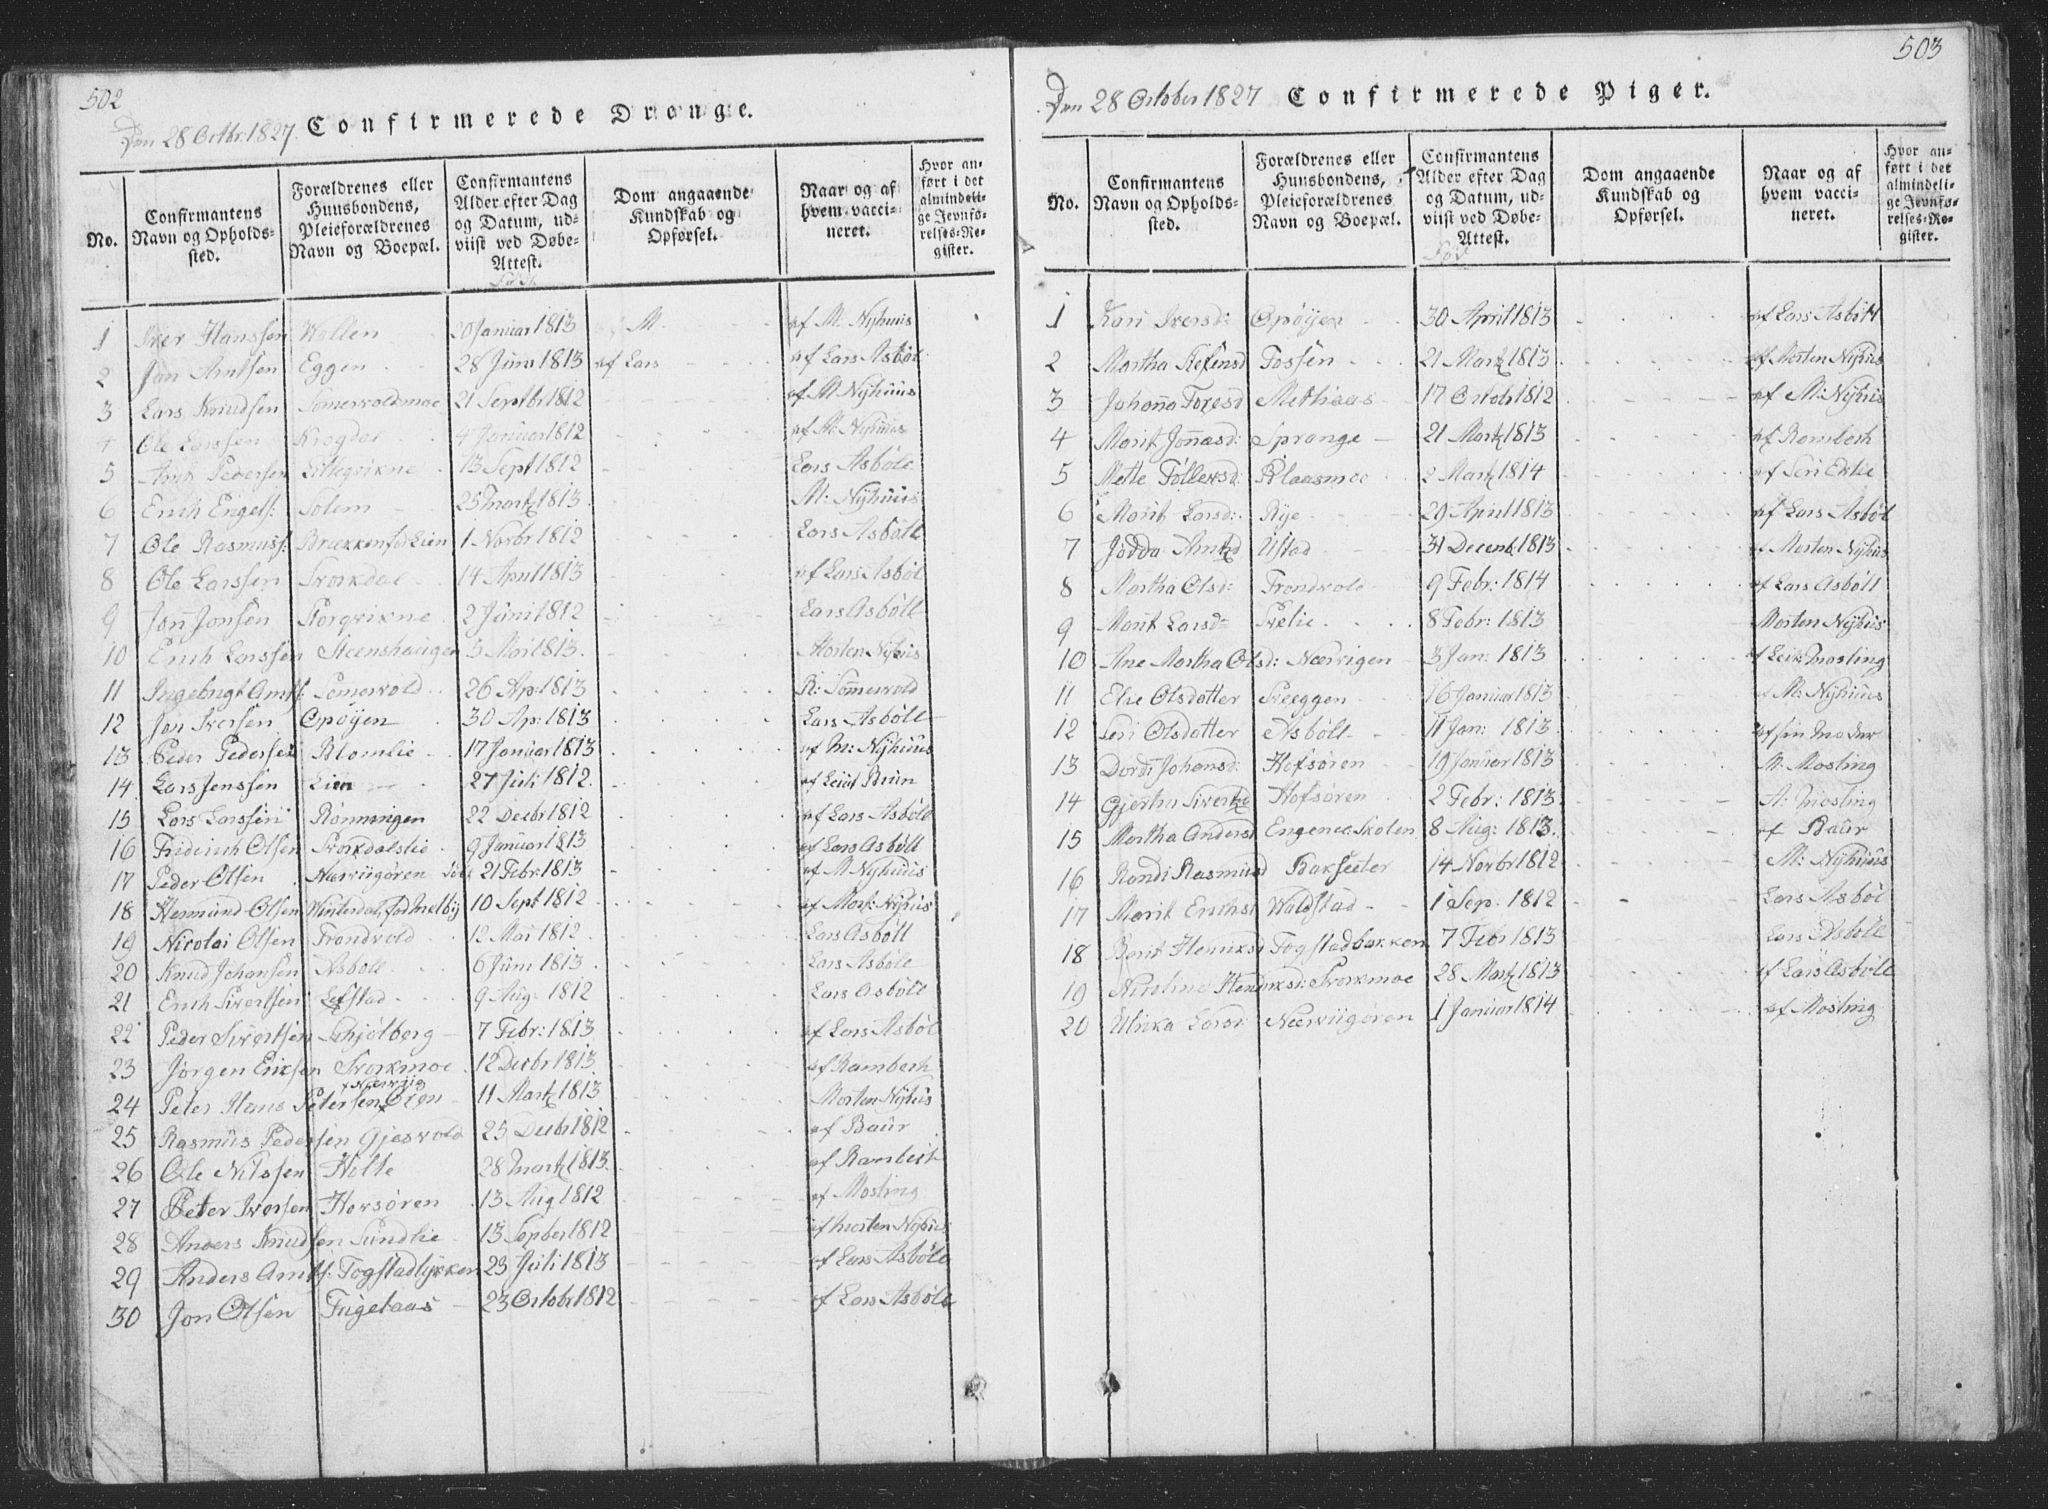 SAT, Ministerialprotokoller, klokkerbøker og fødselsregistre - Sør-Trøndelag, 668/L0816: Klokkerbok nr. 668C05, 1816-1893, s. 502-503